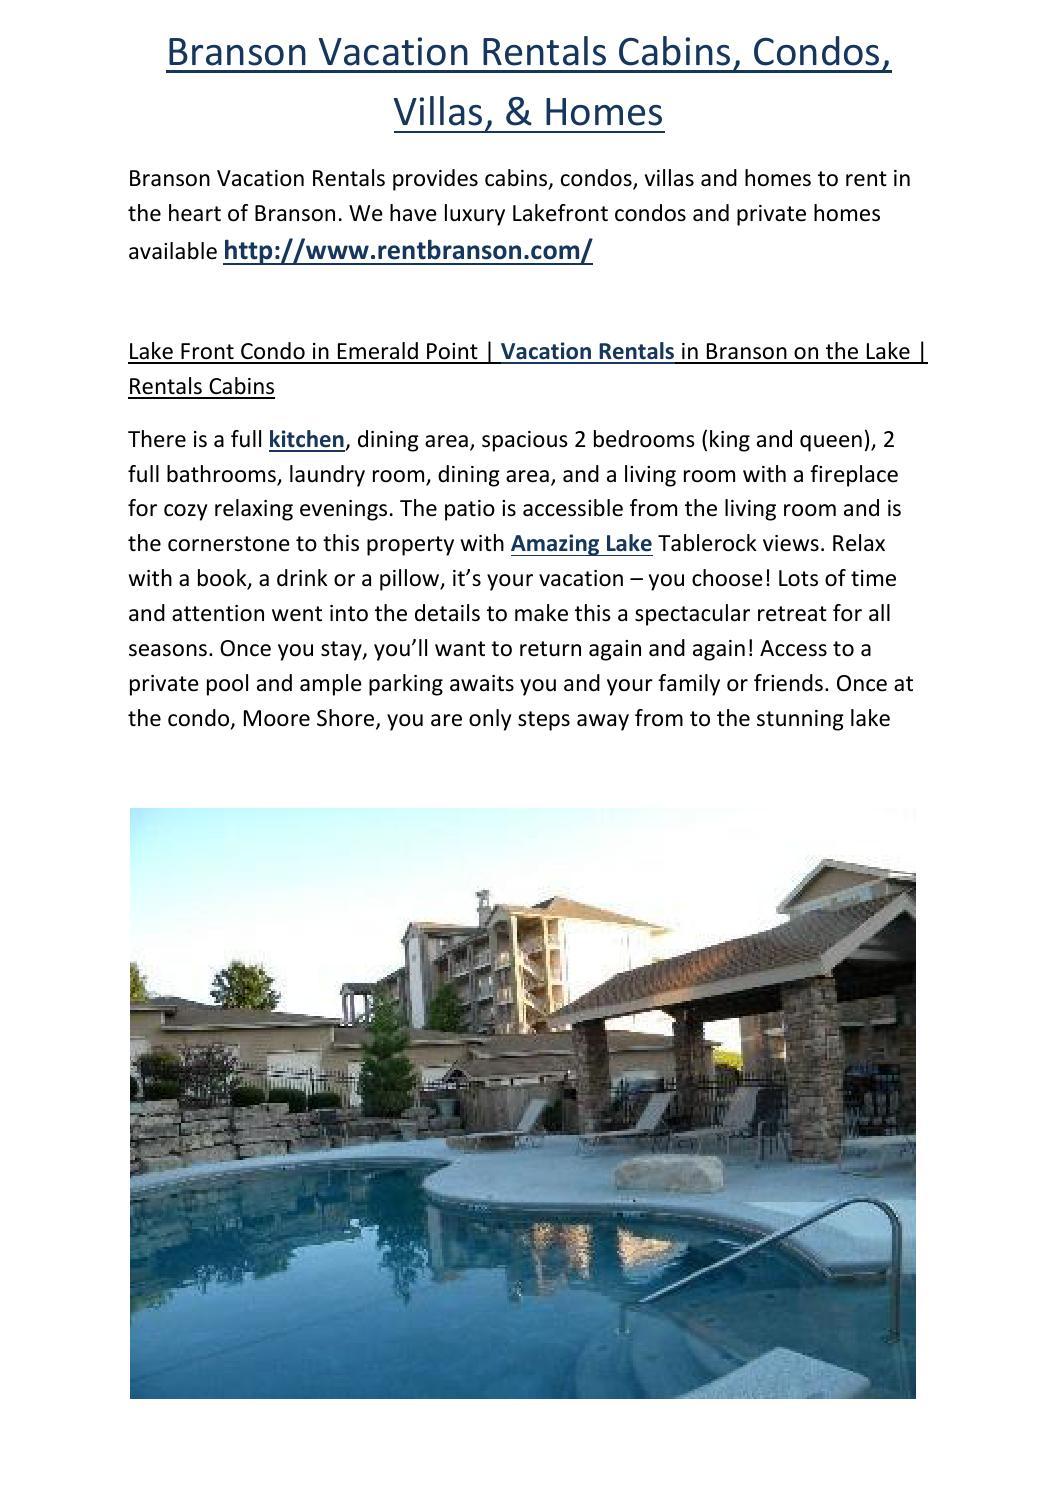 Branson Vacation Rentals Cabins, Condos, Villas, & Homes